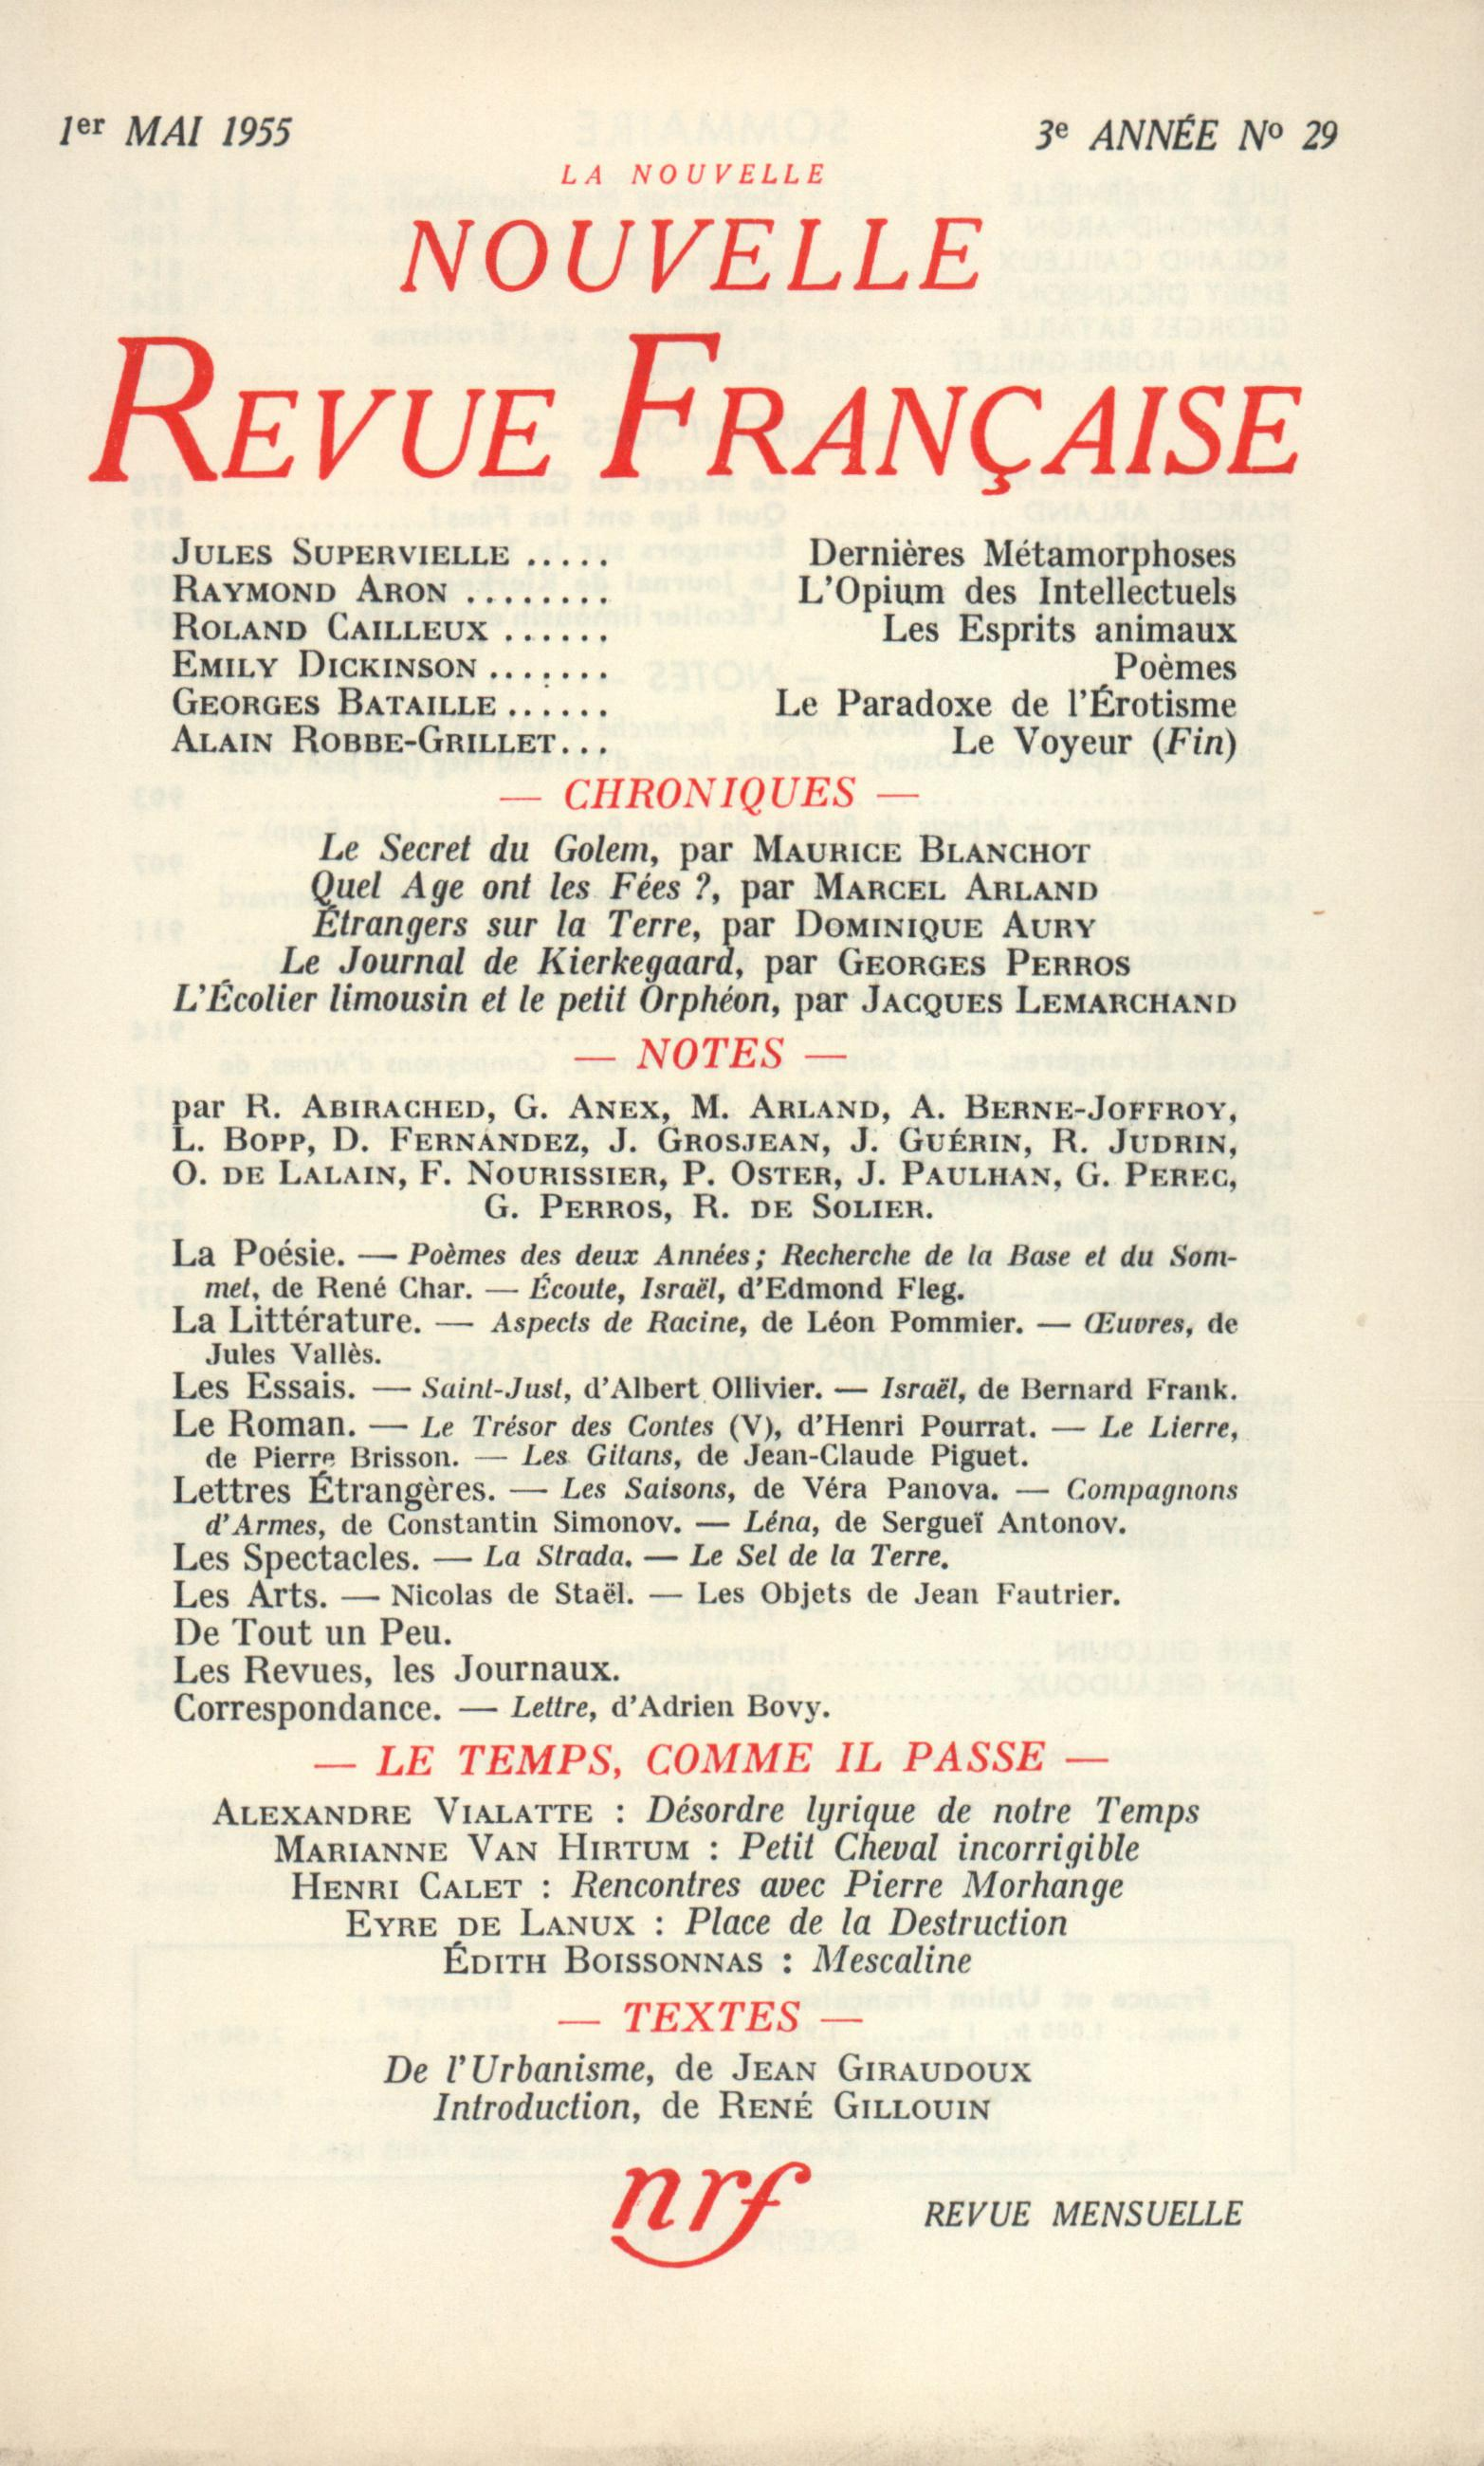 La Nouvelle Nouvelle Revue Française N' 29 (Mai 1955)